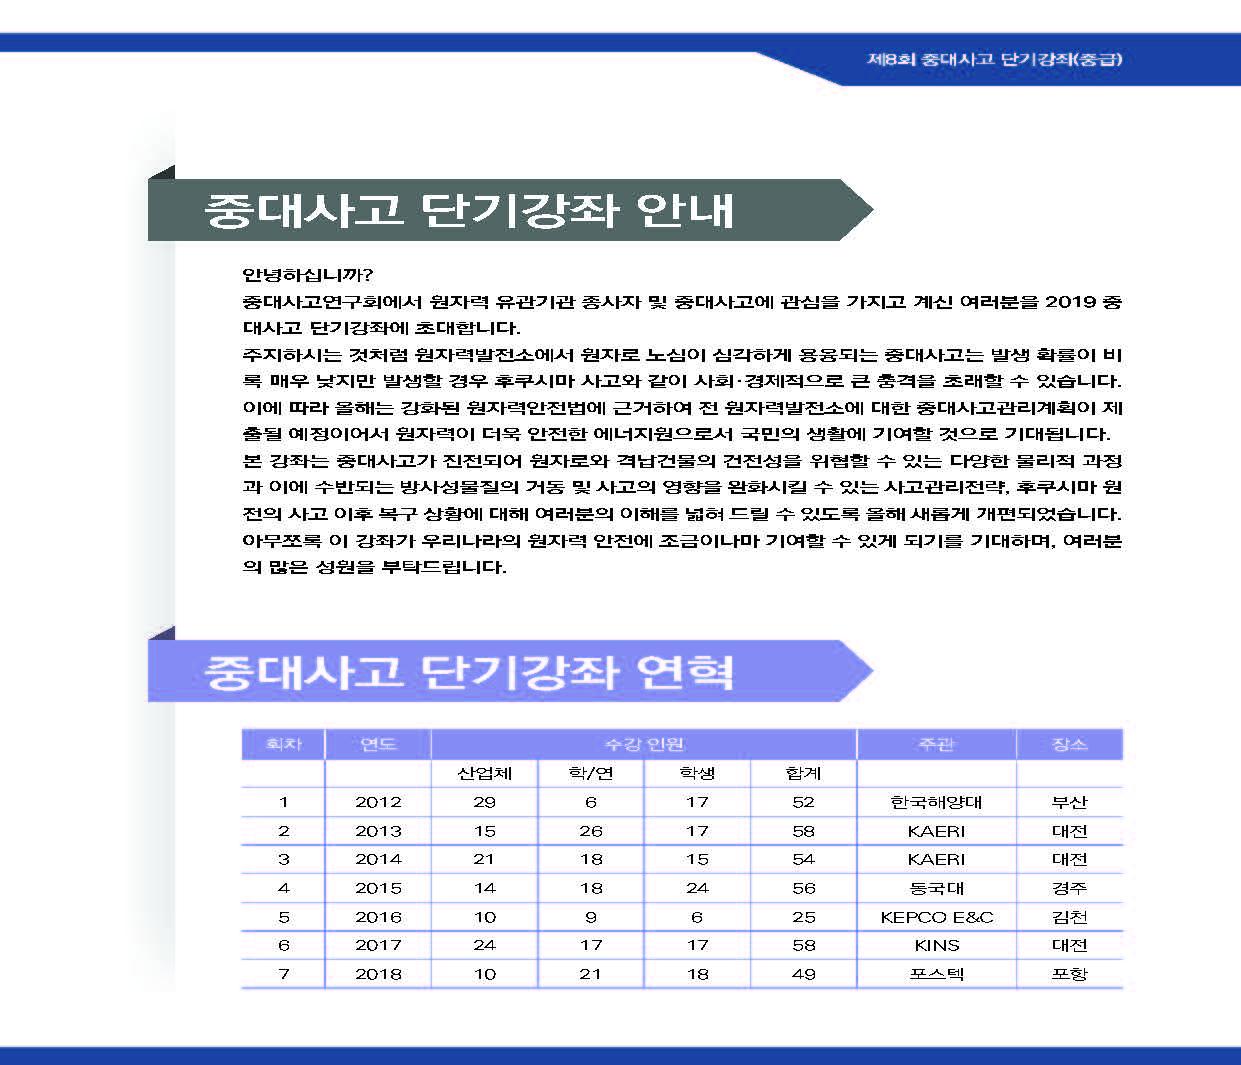 제8회 중대사고 단기강좌(중급)_페이지_3.jpg